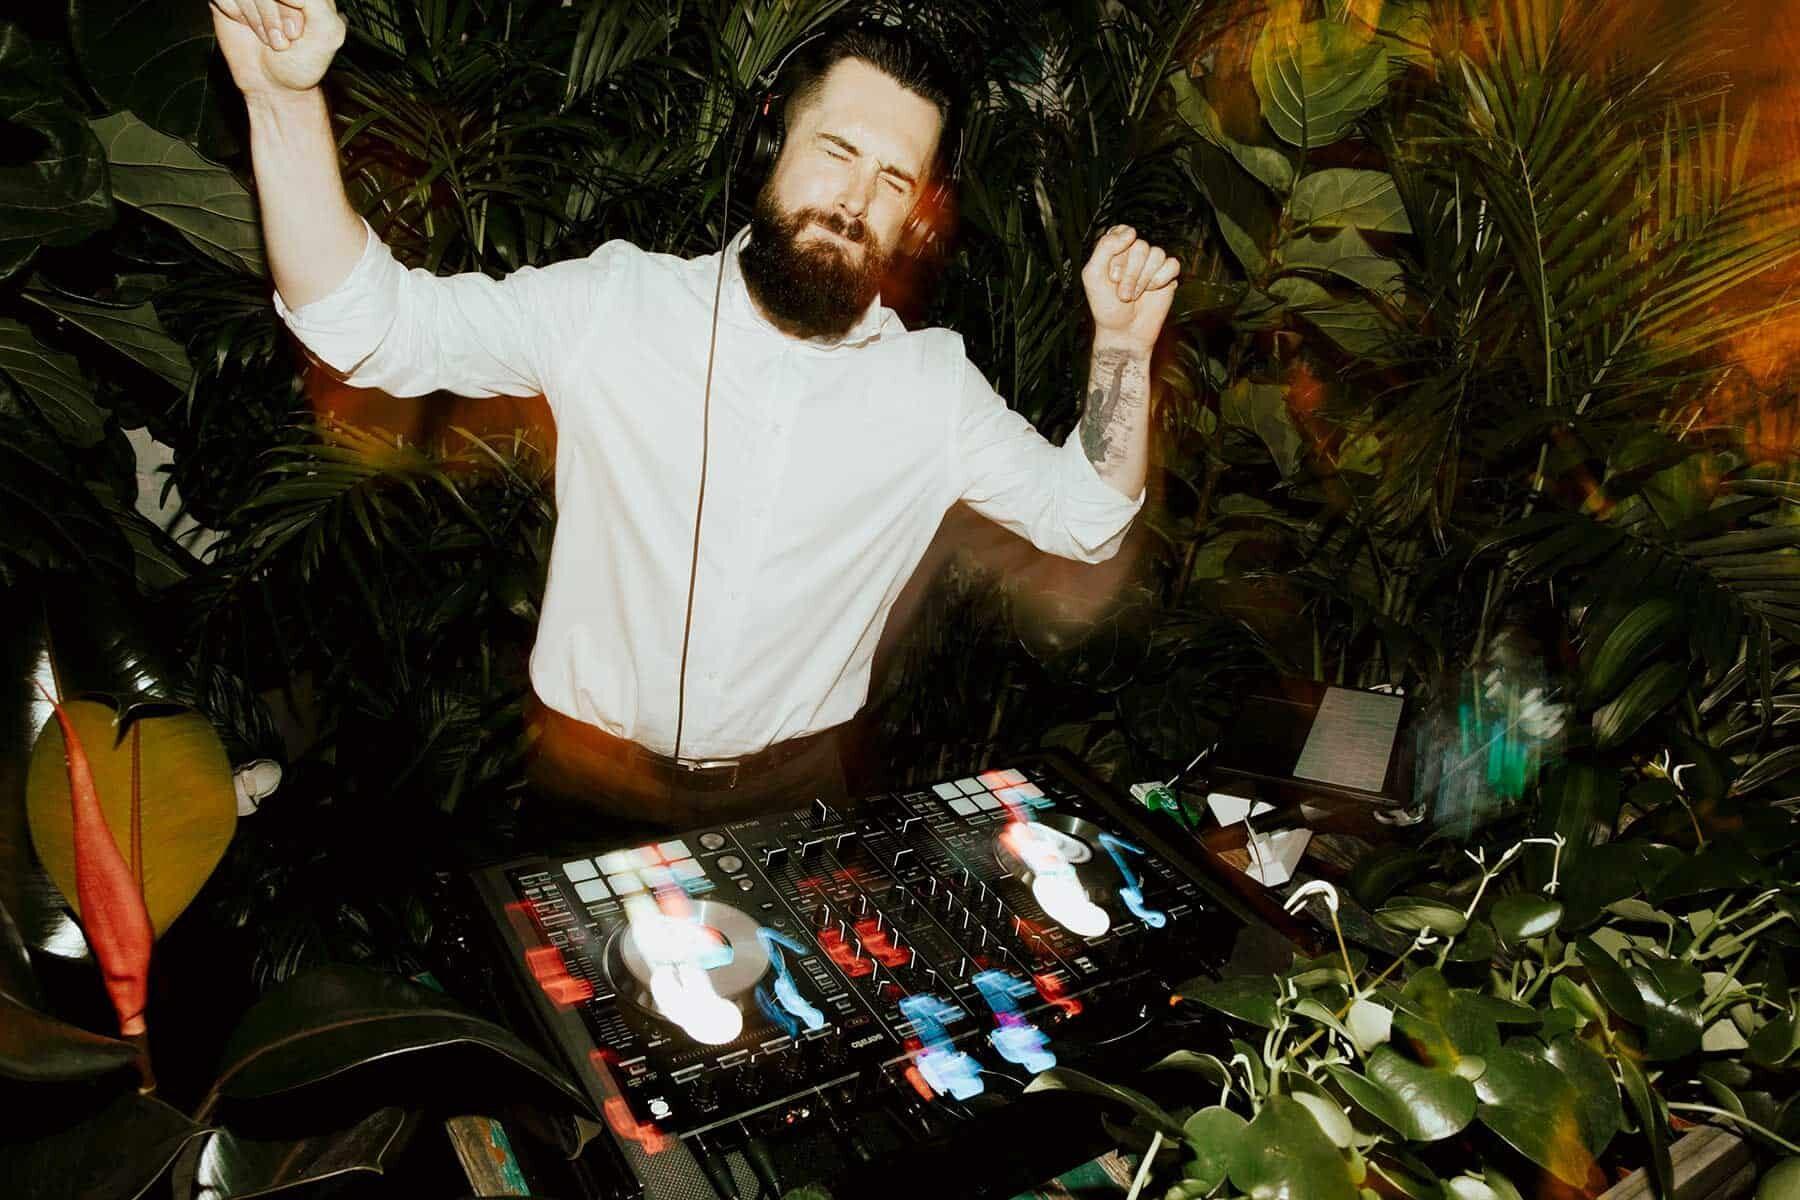 One More Song - fun Melbourne wedding DJ